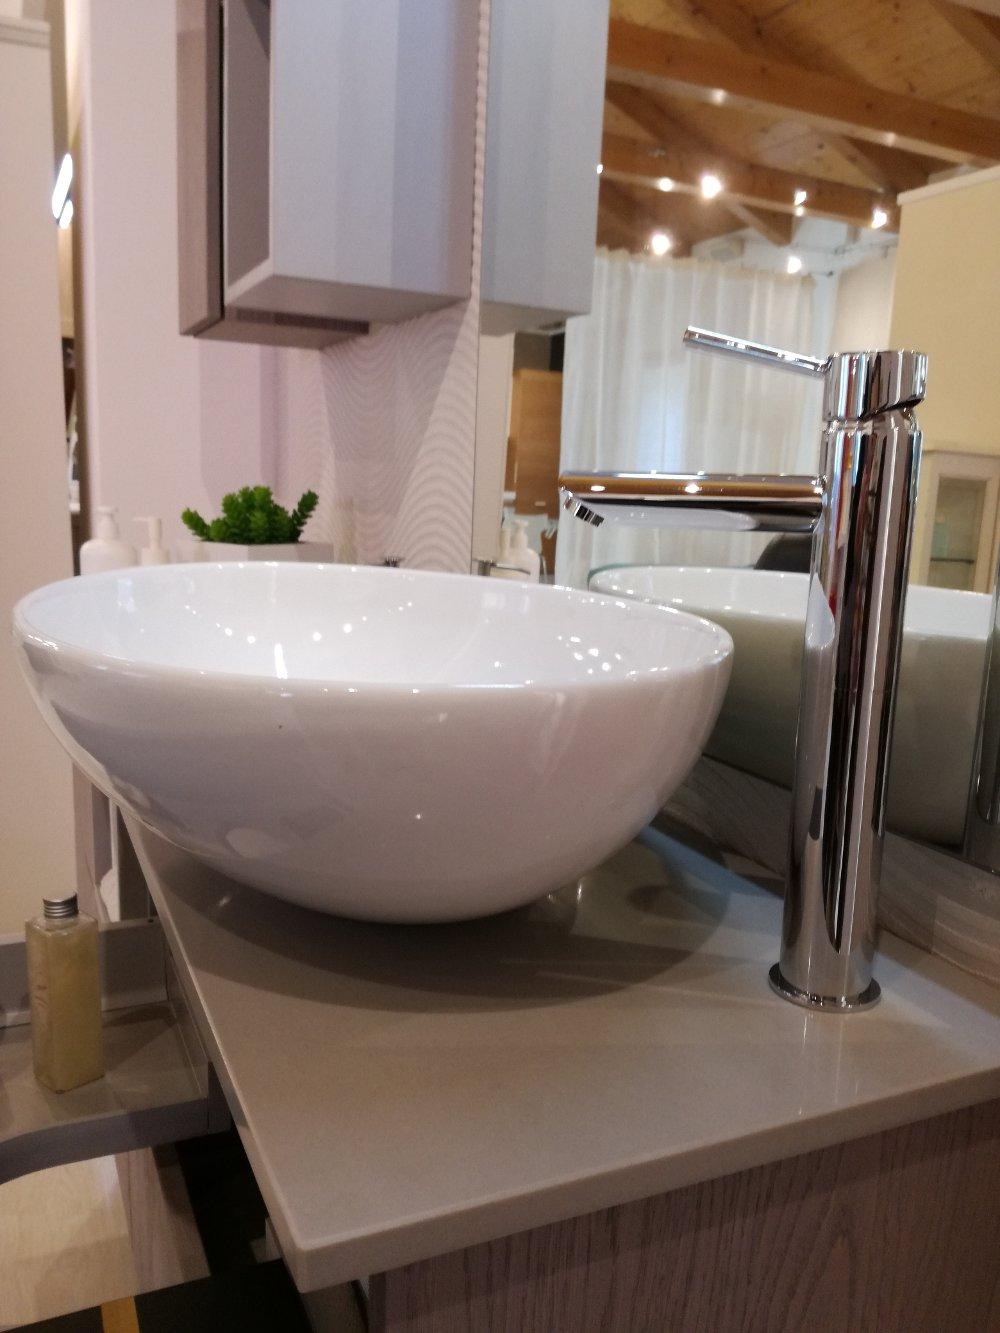 Bagno moderno kondor effetto legno - Miscelatore bagno moderno ...